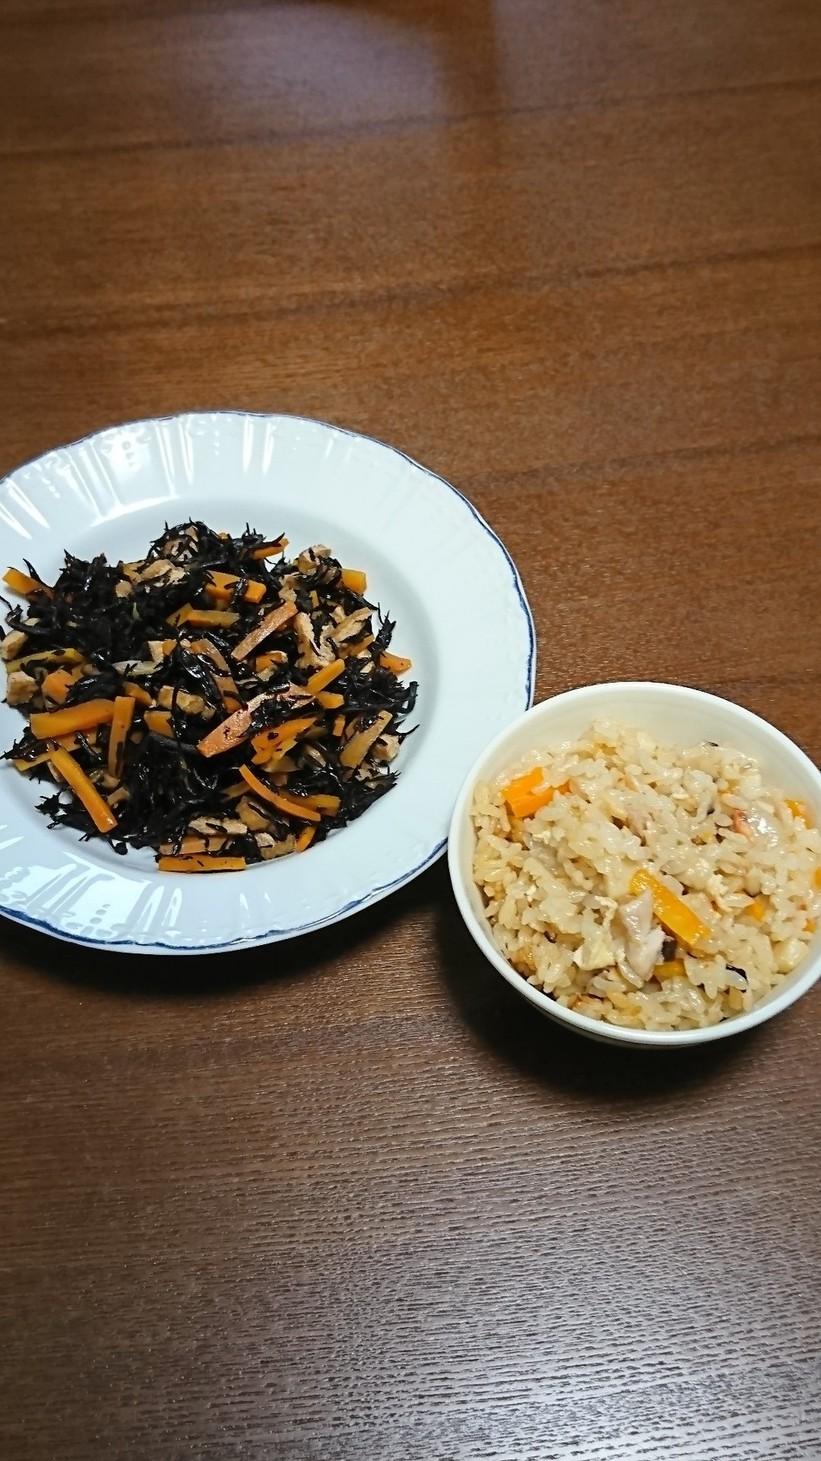 切餅中華おこわ&ひじき煮物+離乳食完了期